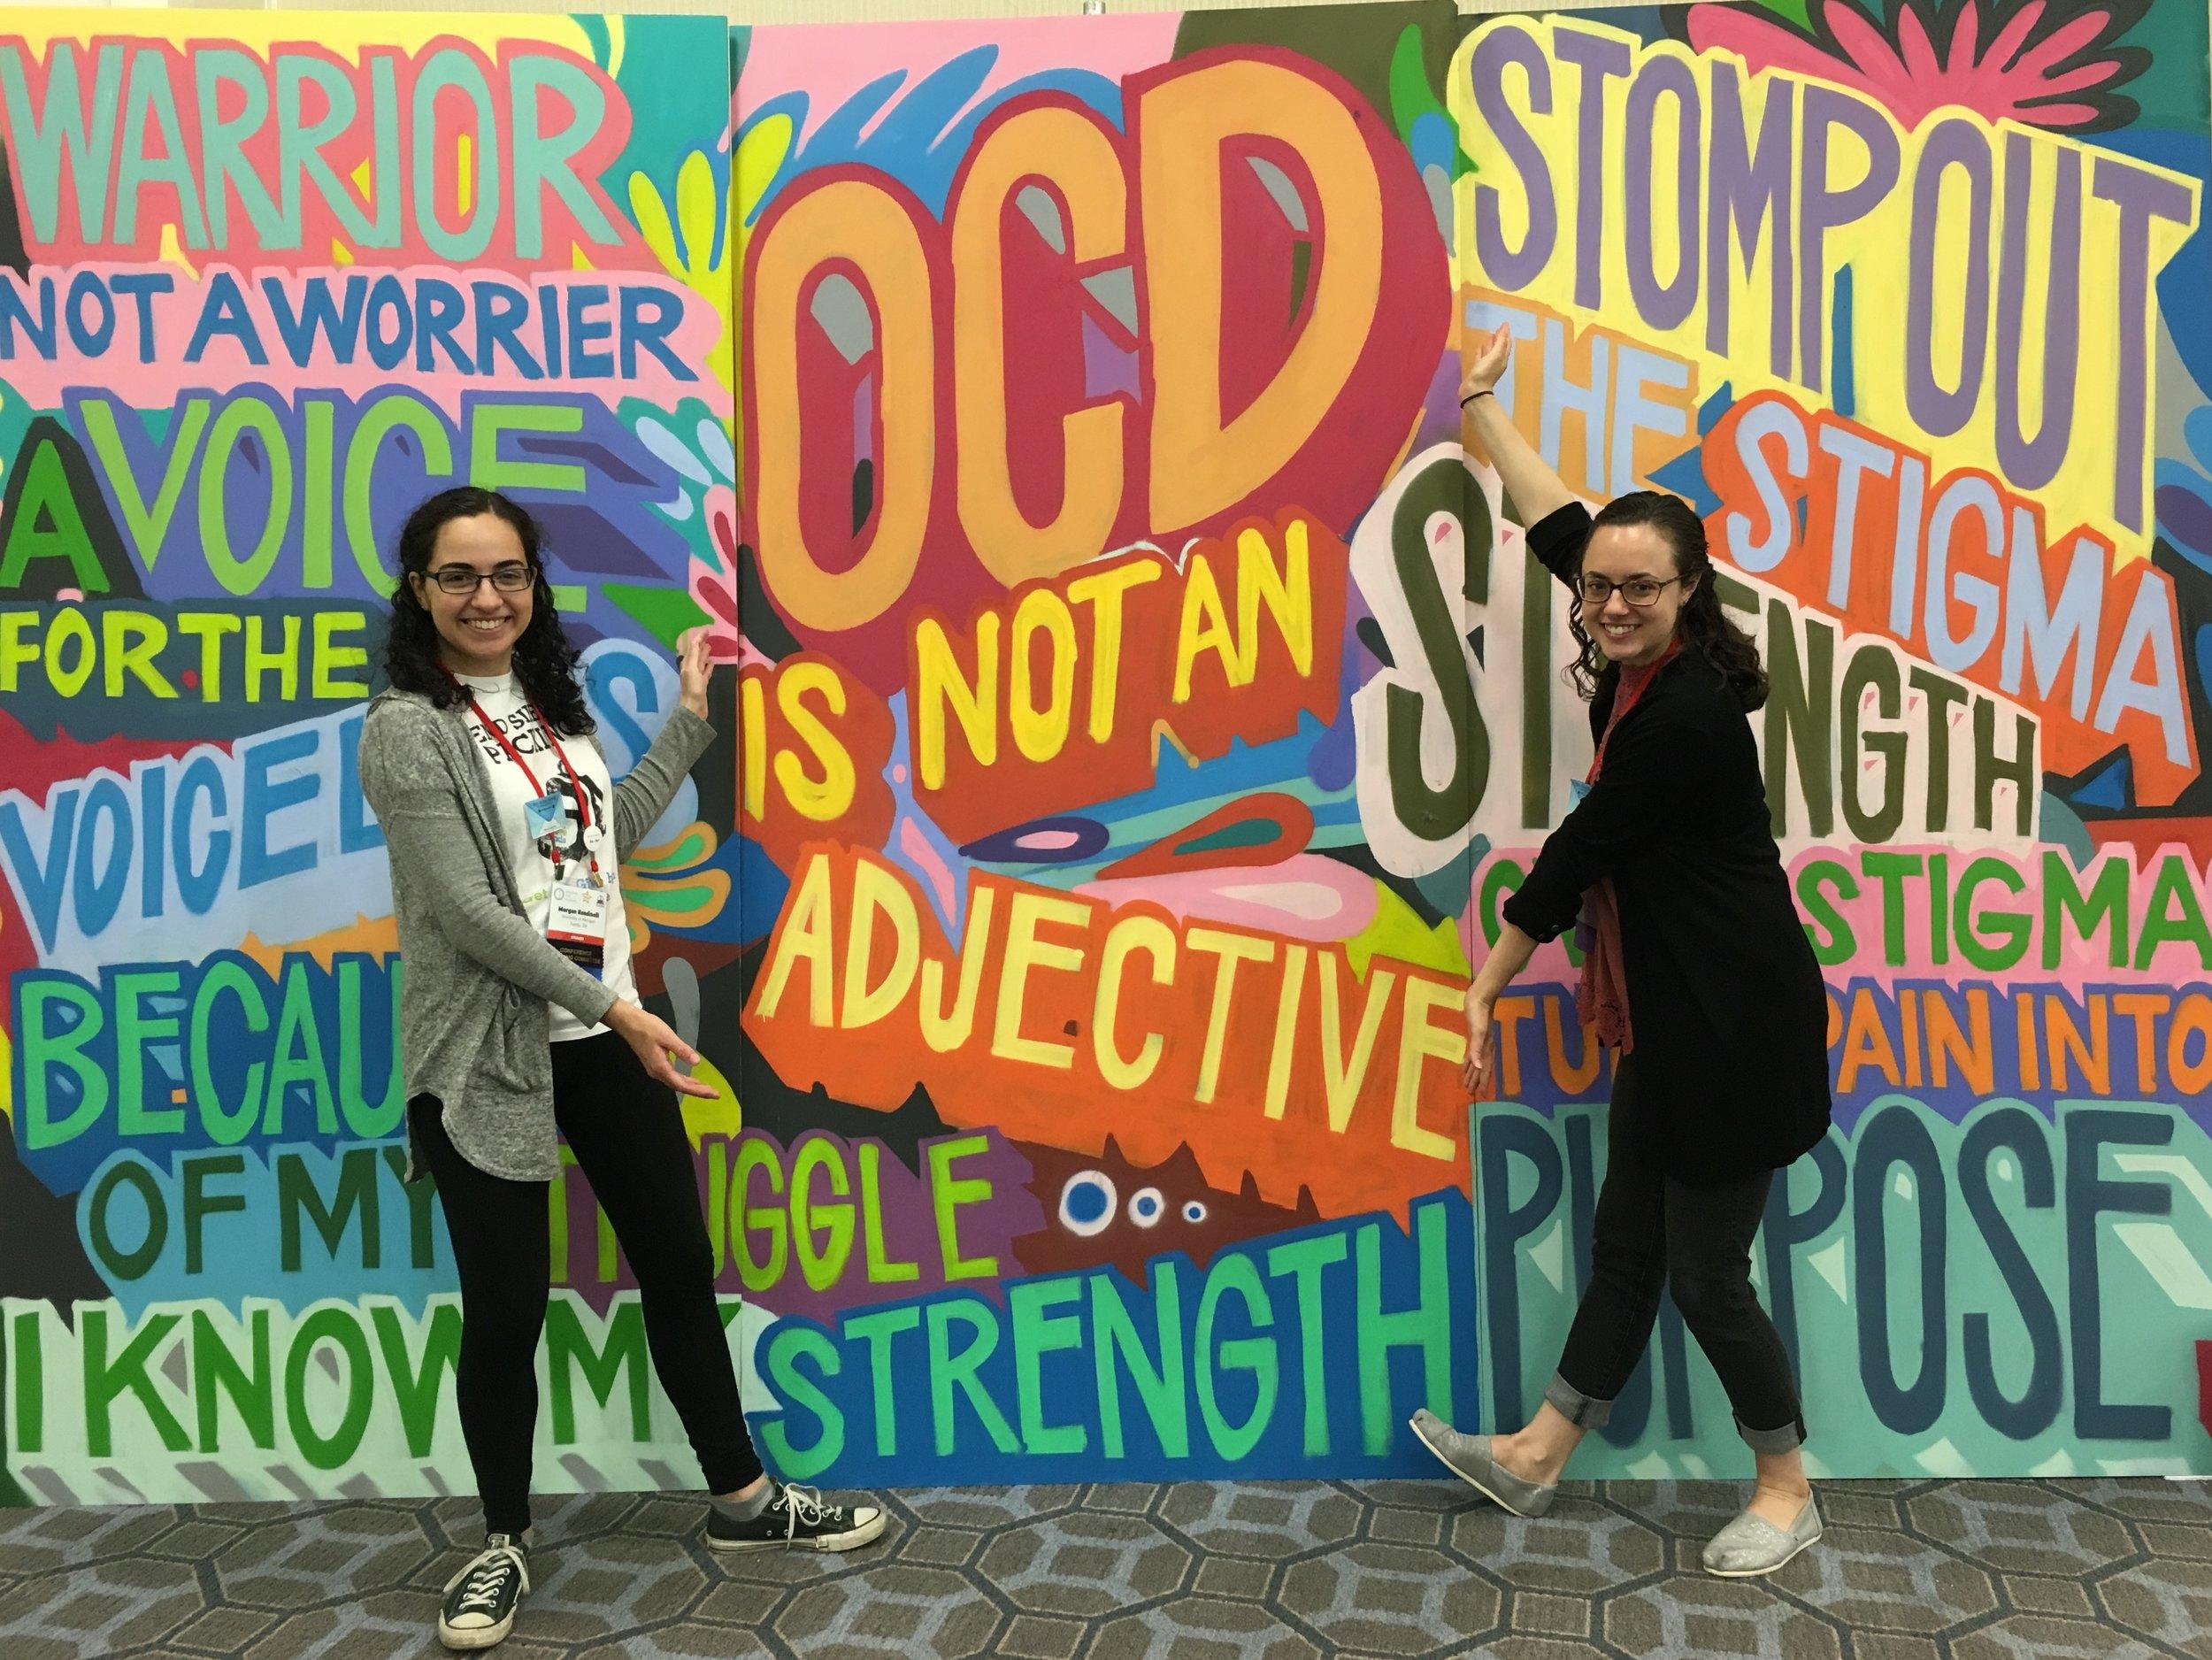 Morgan and Molly at OCDcon 2018